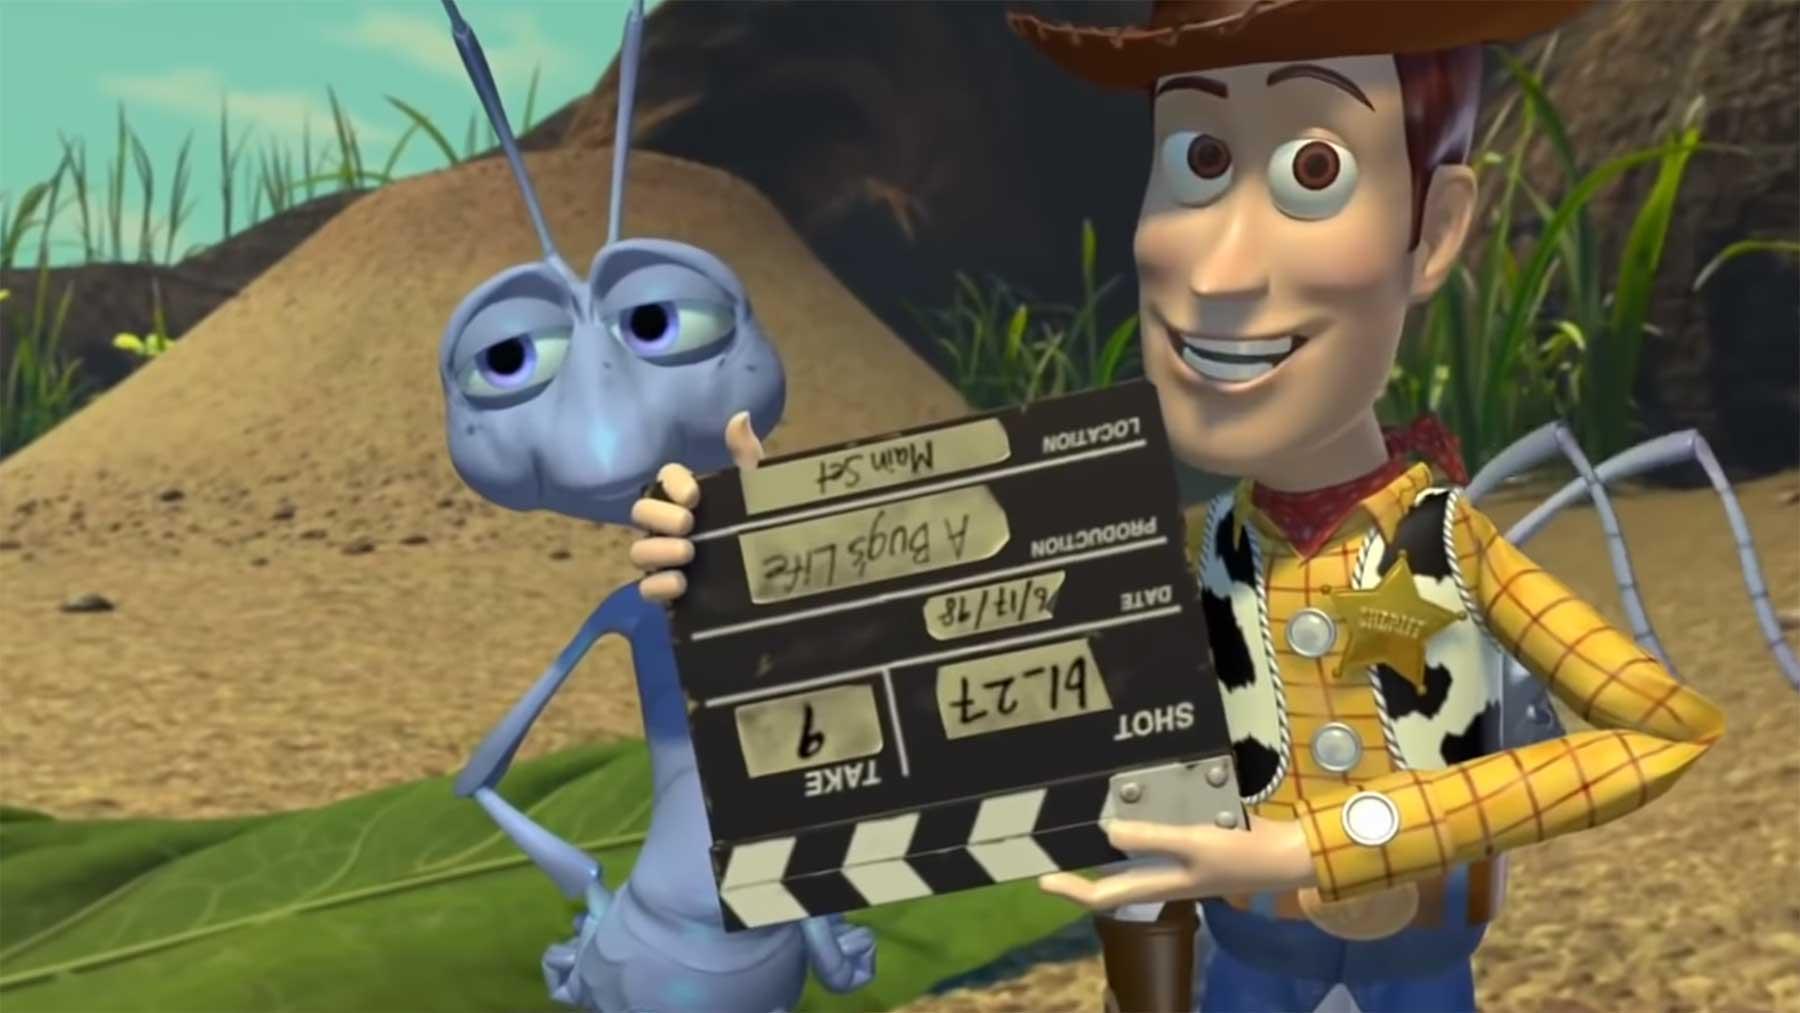 Pixar-Film-Referenzen erklärt